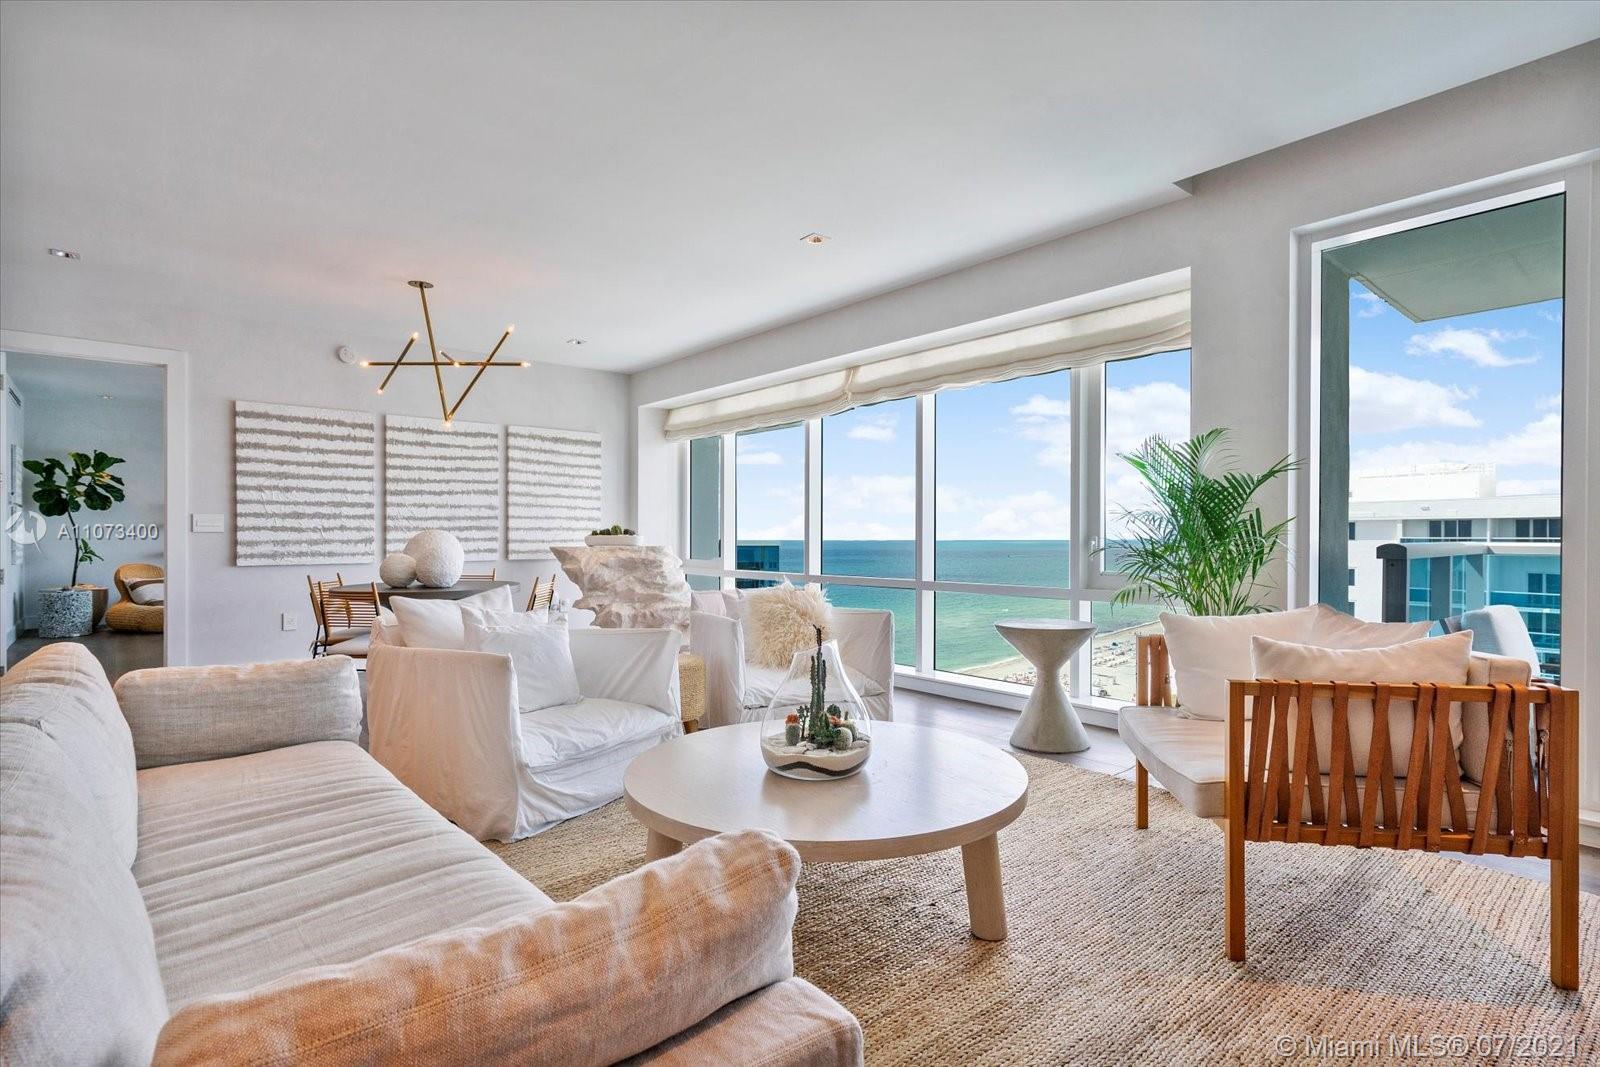 1 Hotel & Homes #PH-1708 - 102 24th St #PH-1708, Miami Beach, FL 33139